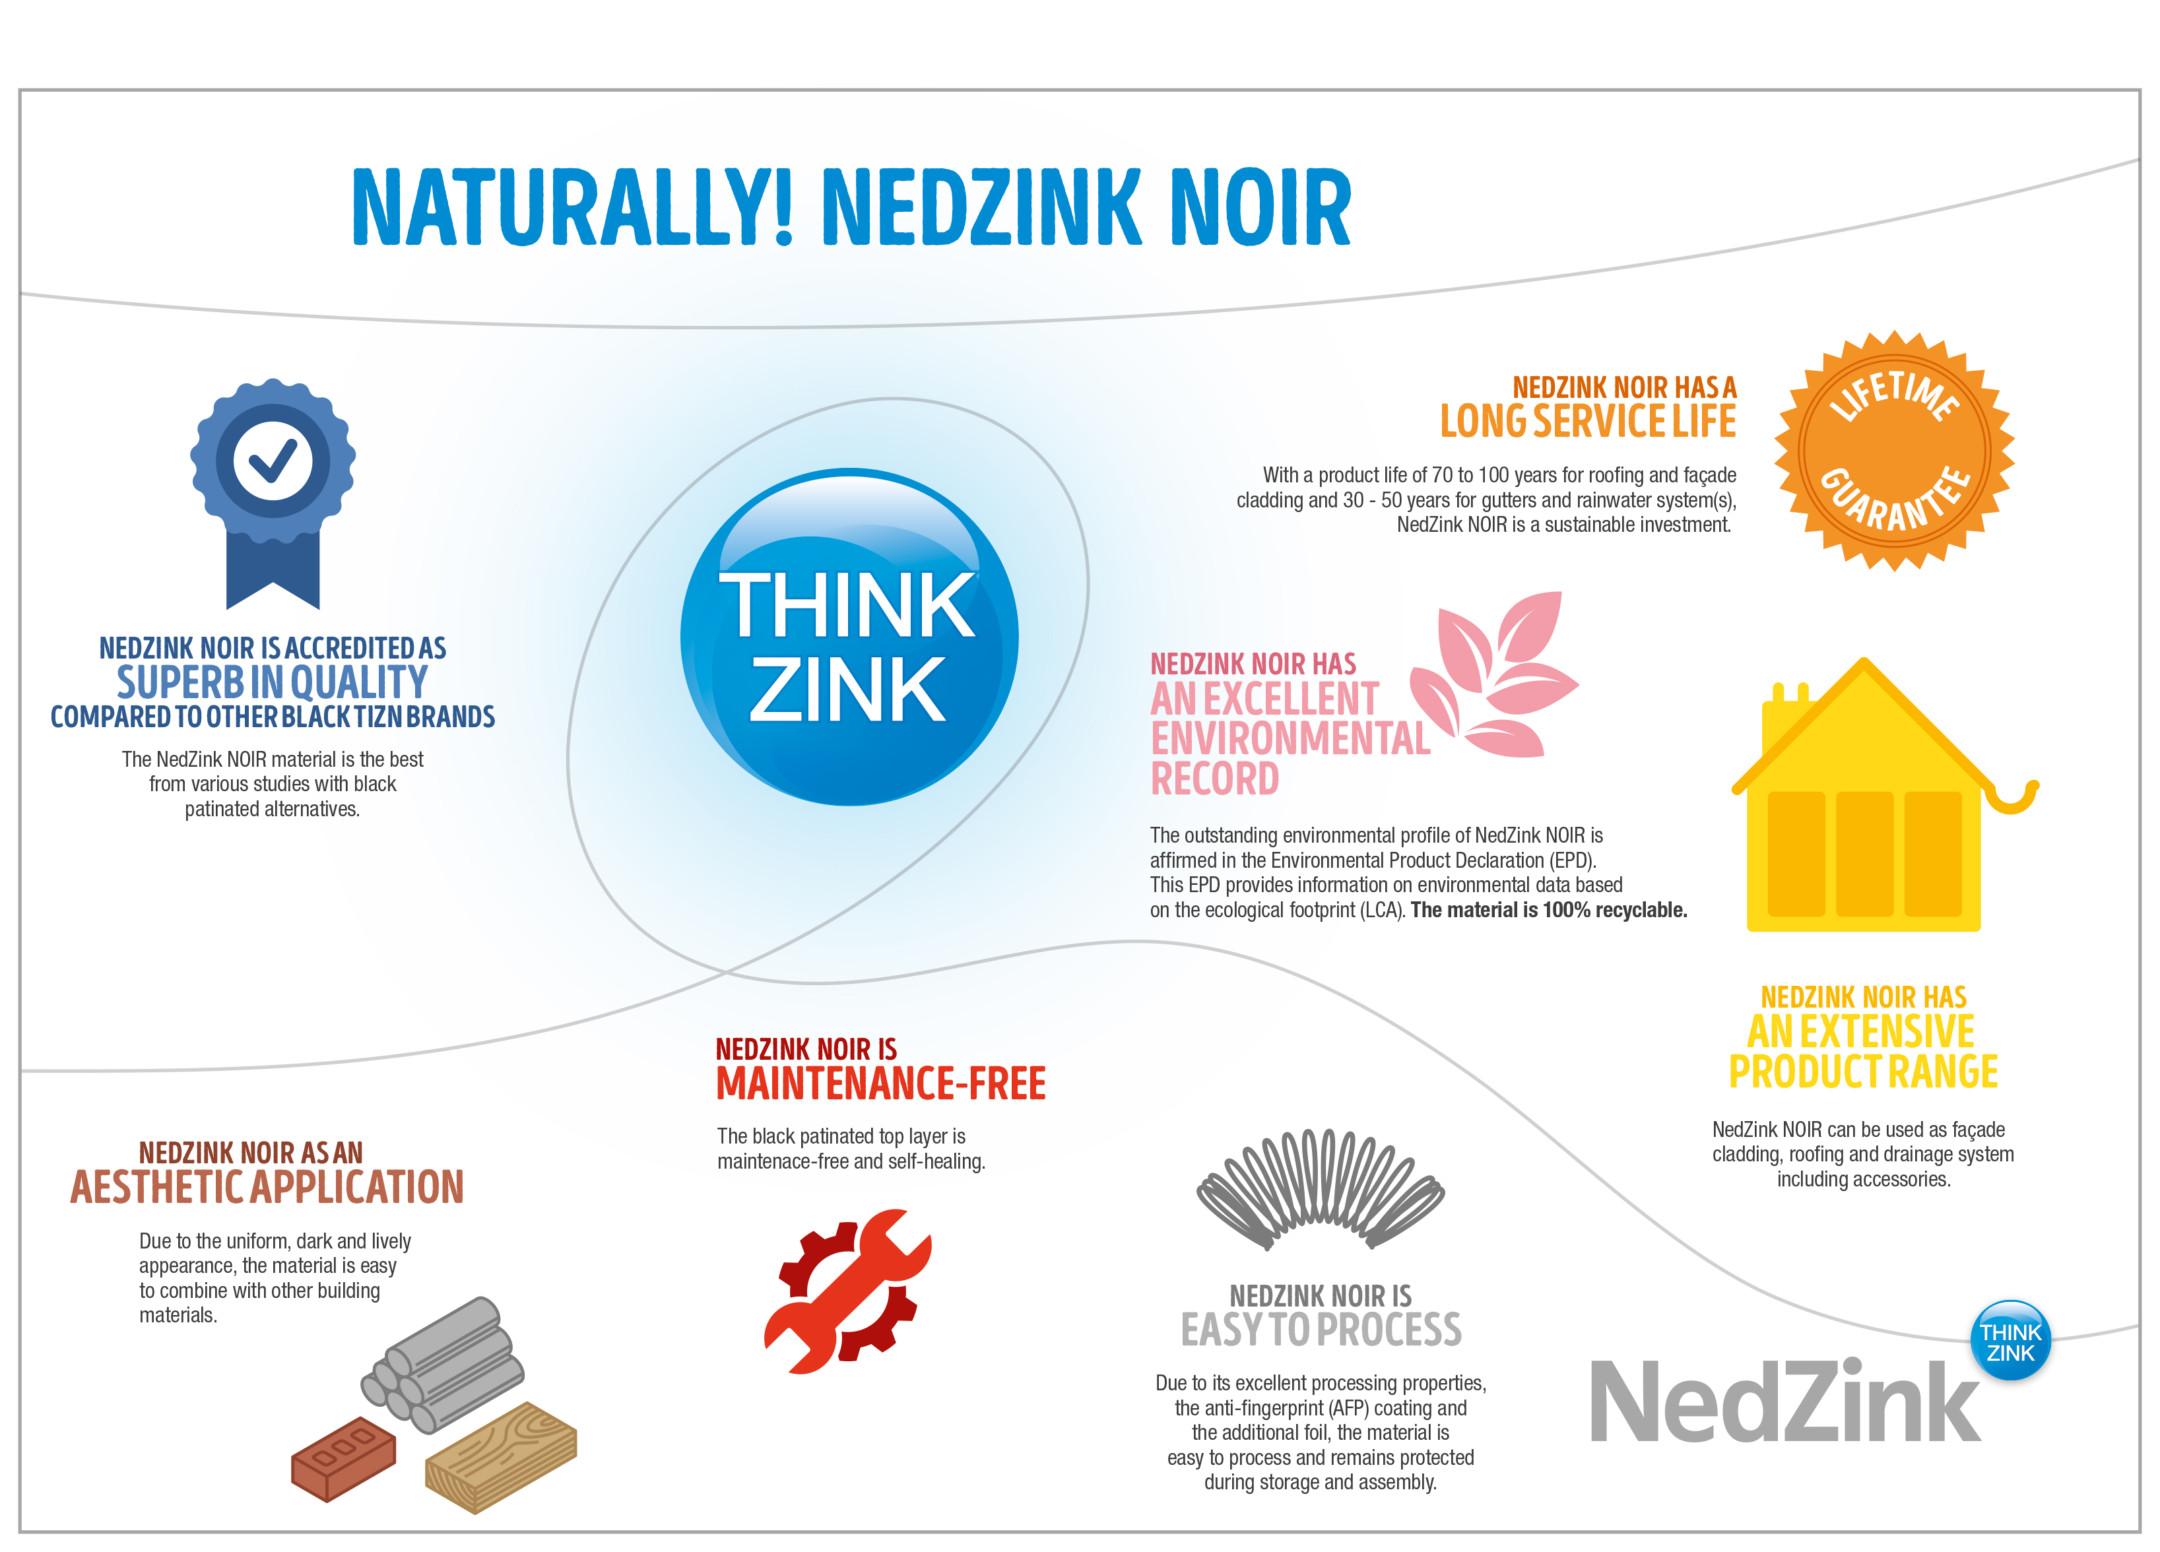 29432-nz-infographic-nedzink-noir-en